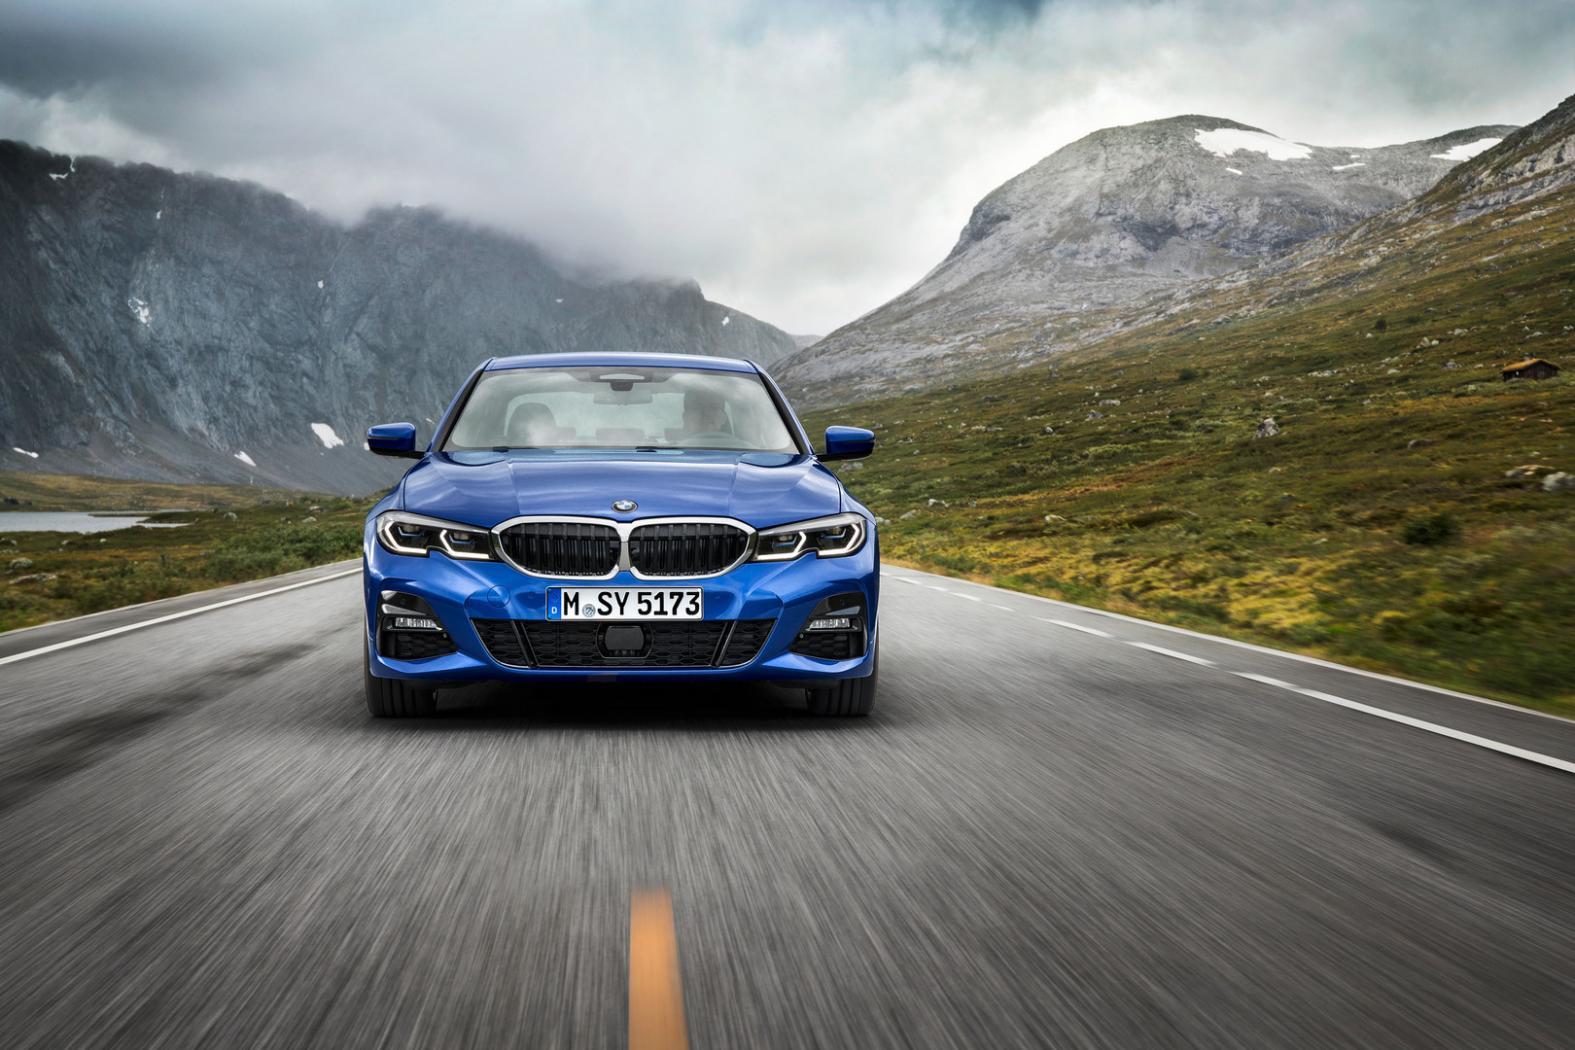 BMW-Serie-3-G20-une-nouvelle-generation-plus-sportive-et-mieux-equipee-2.jpeg